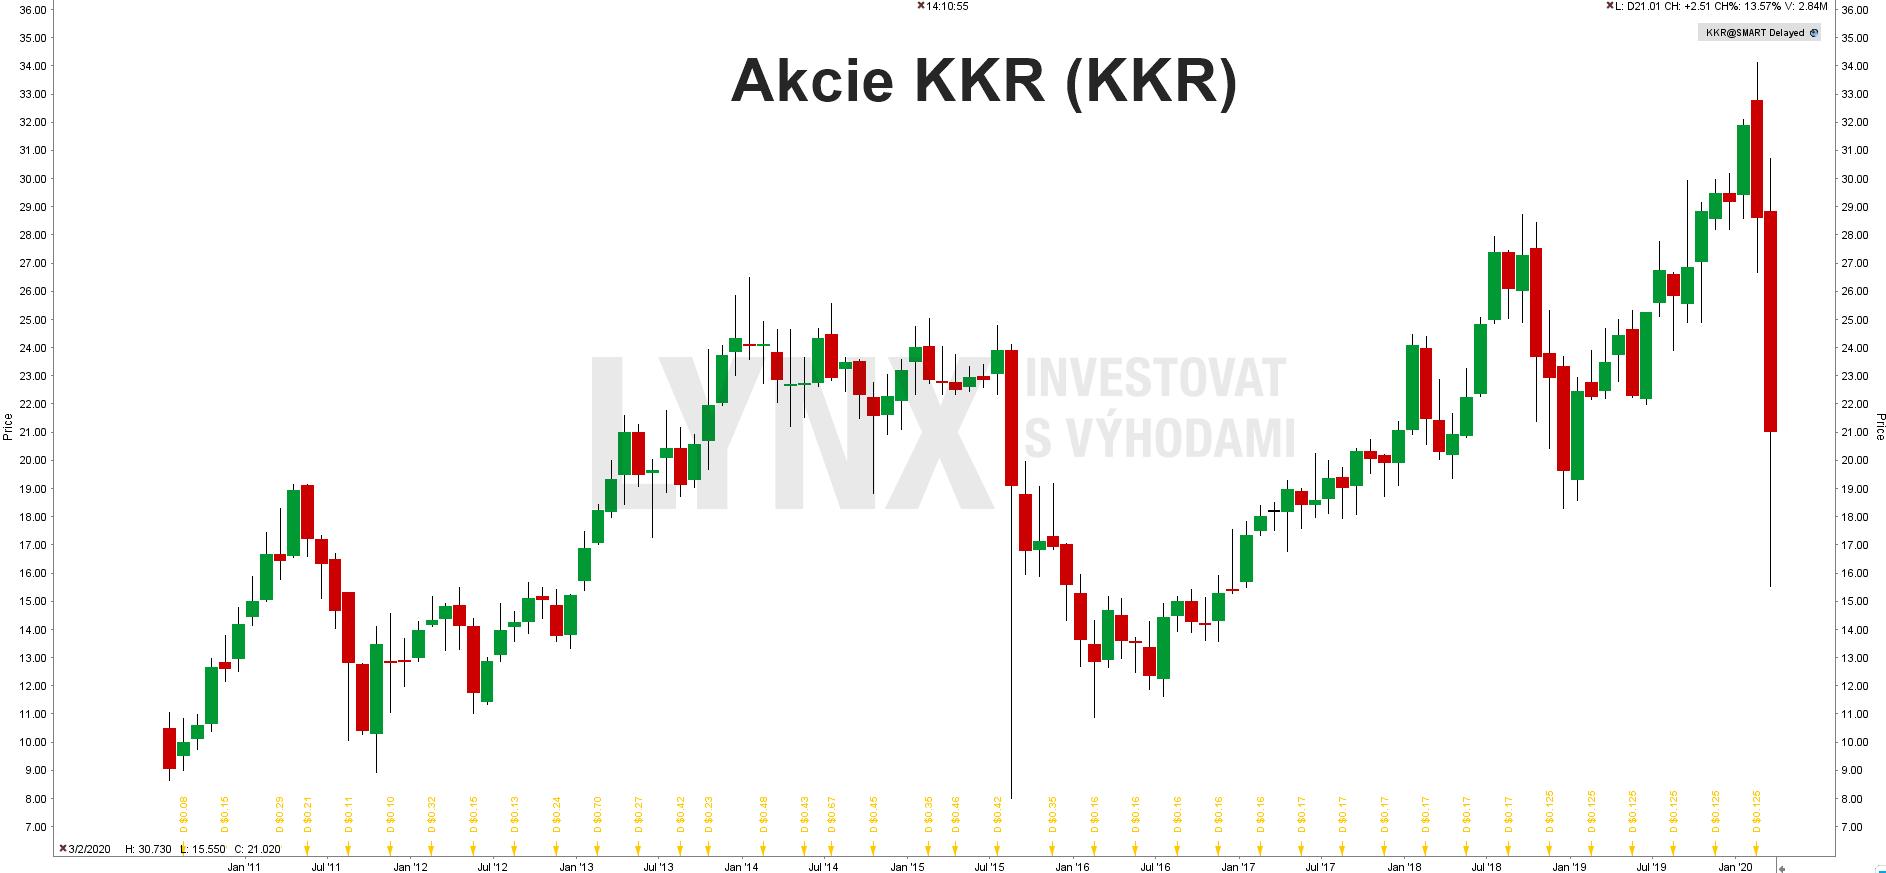 Akcie KKR (KKR)